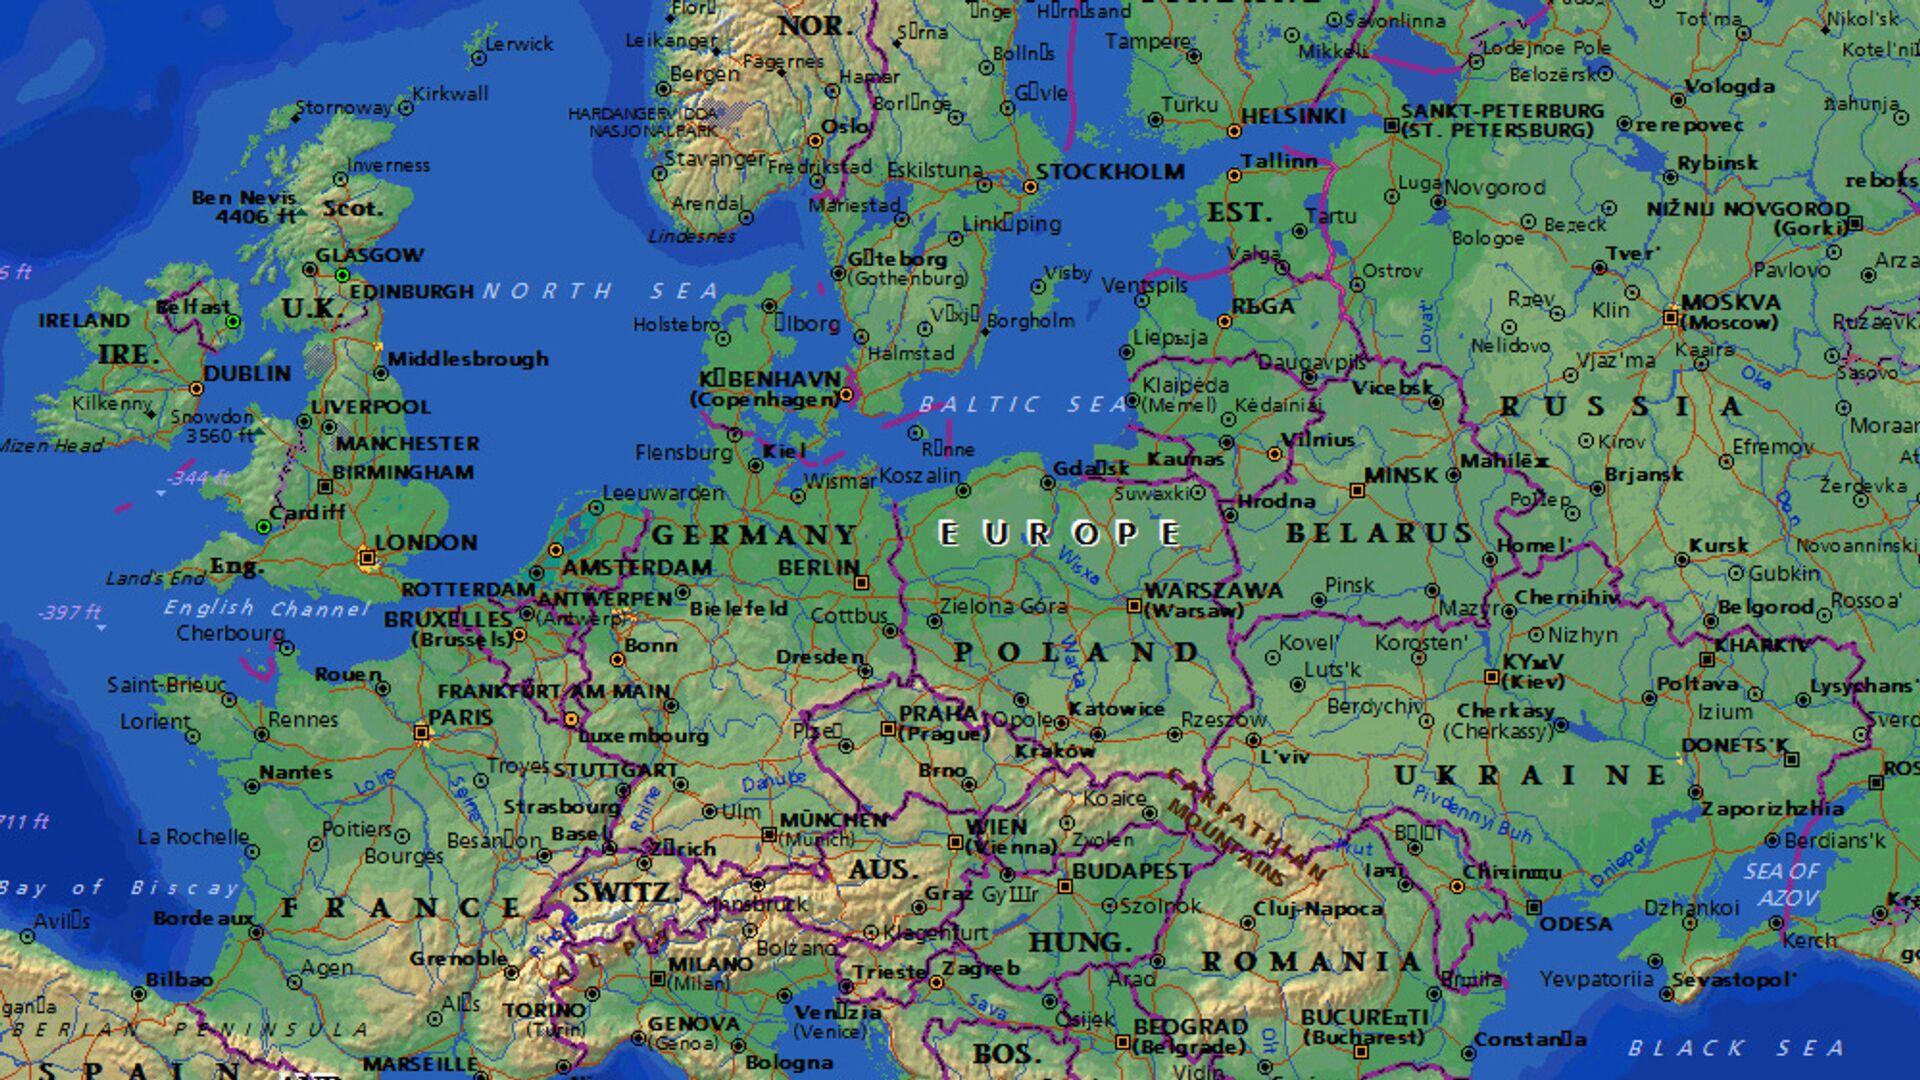 Karta Evrope - Sputnik Srbija, 1920, 21.09.2021